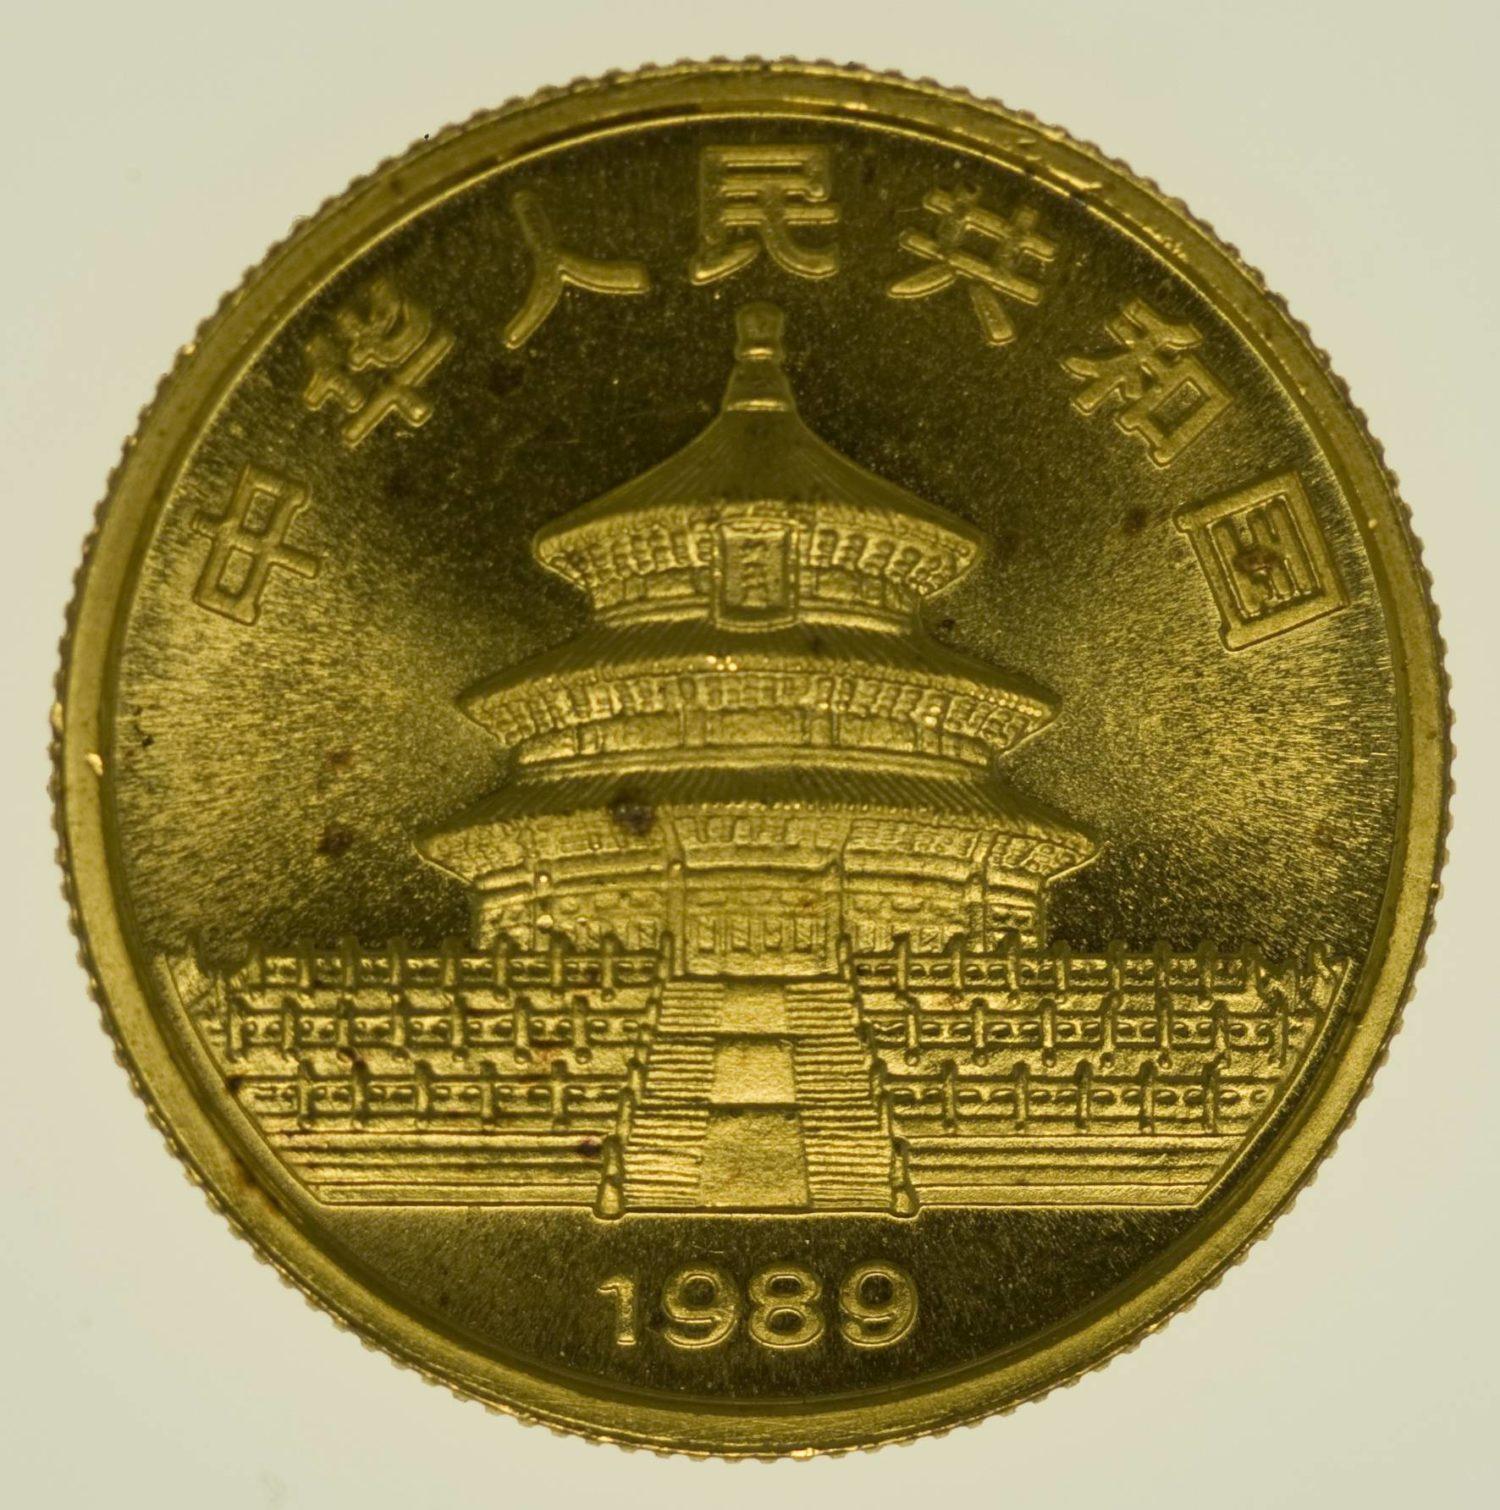 1/4 Unze Goldmünze China Panda 1989 25 Yuan 7,78 Gramm fein Gold RAR